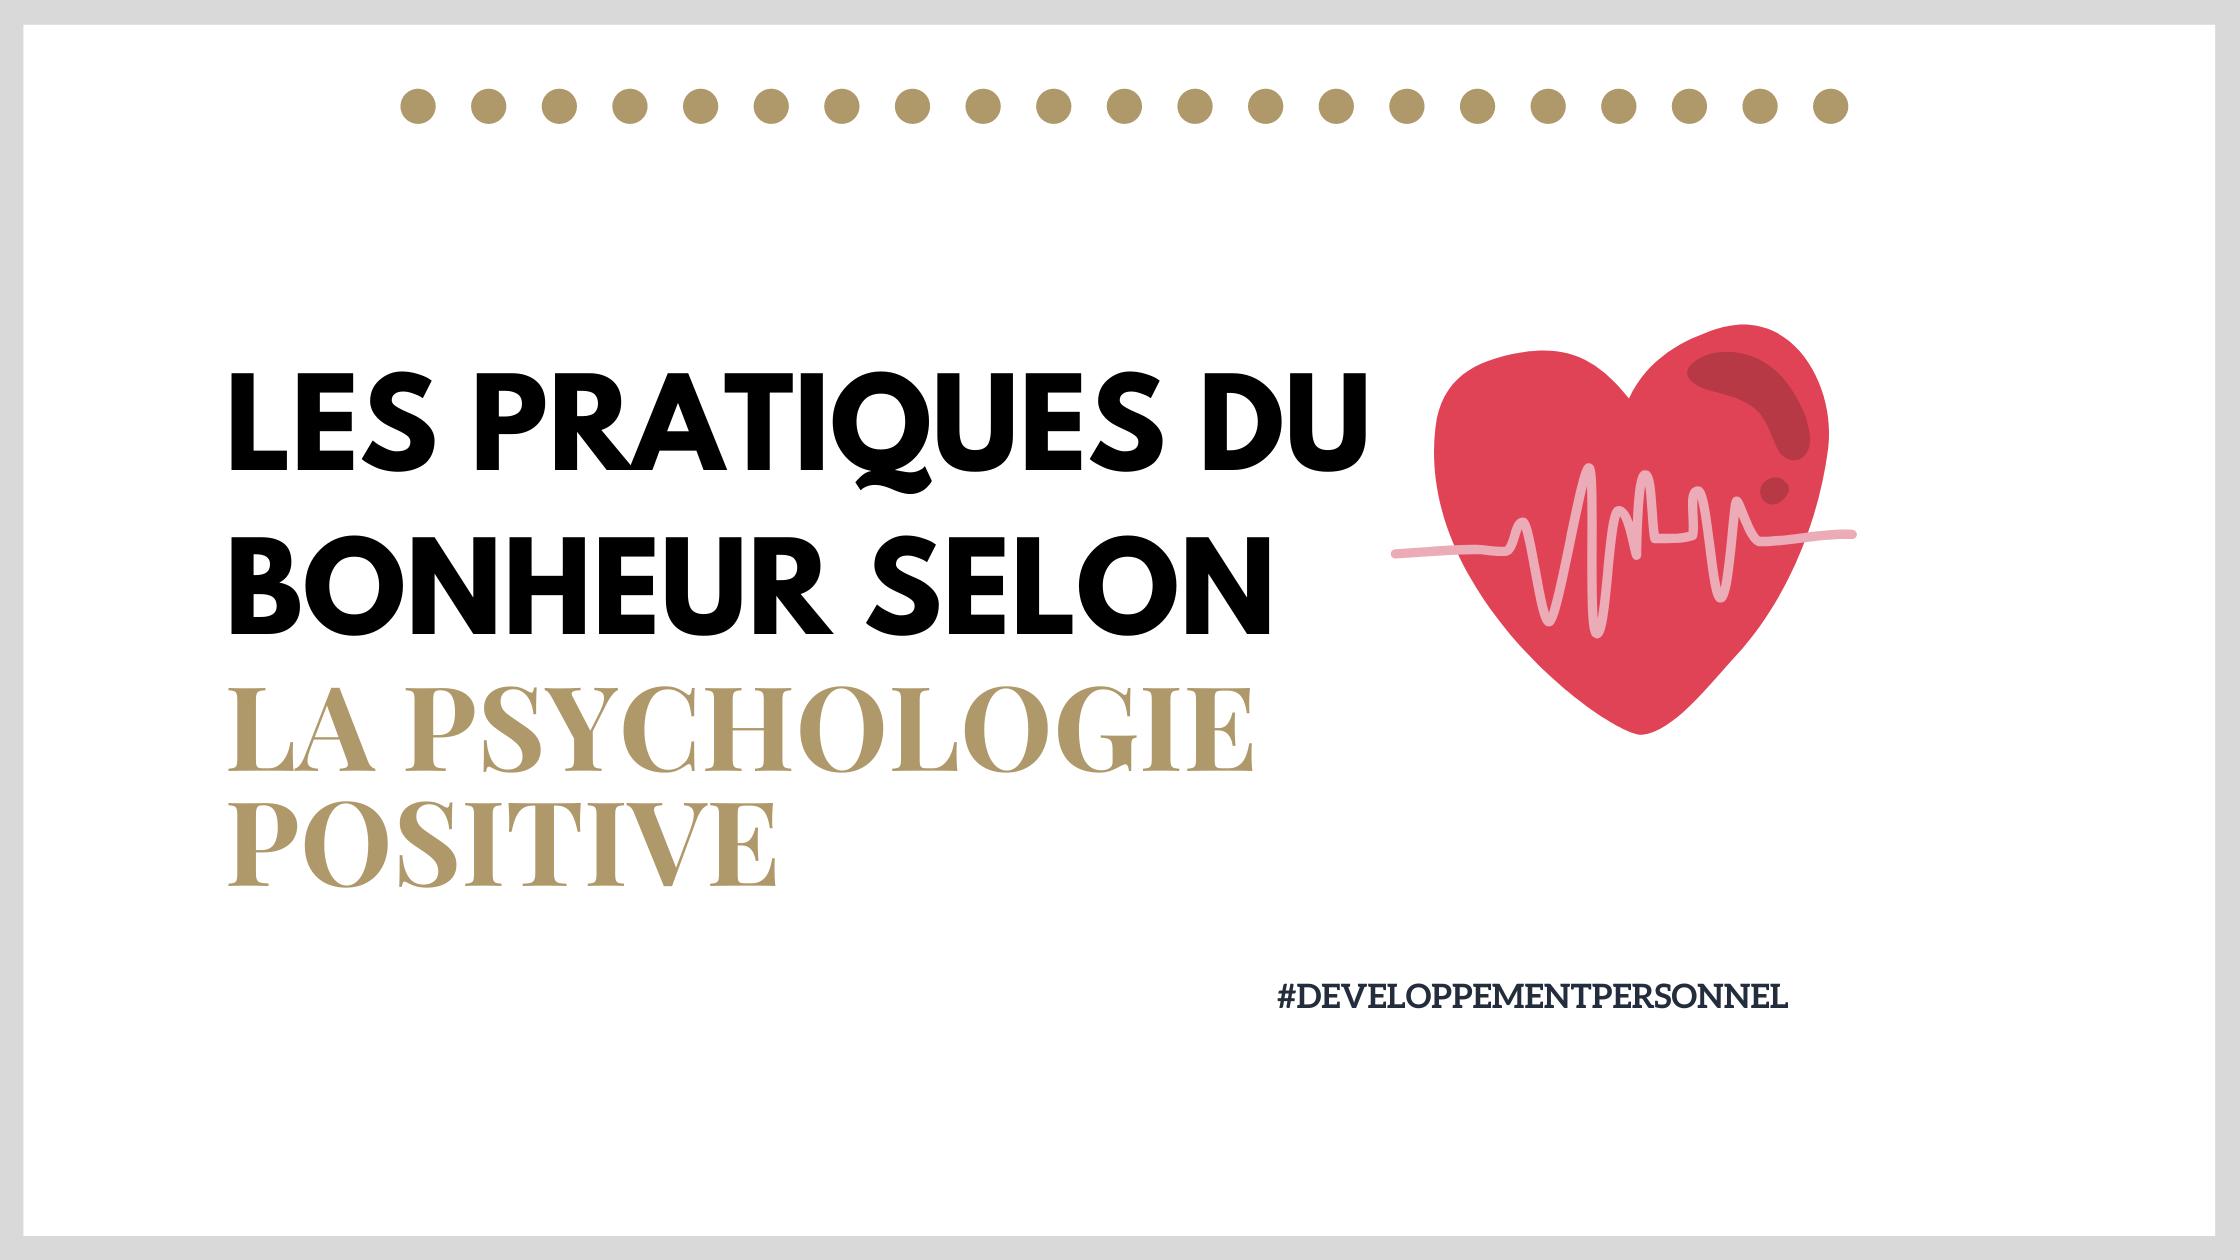 Les pratiques du bonheur selon la psychologie positive